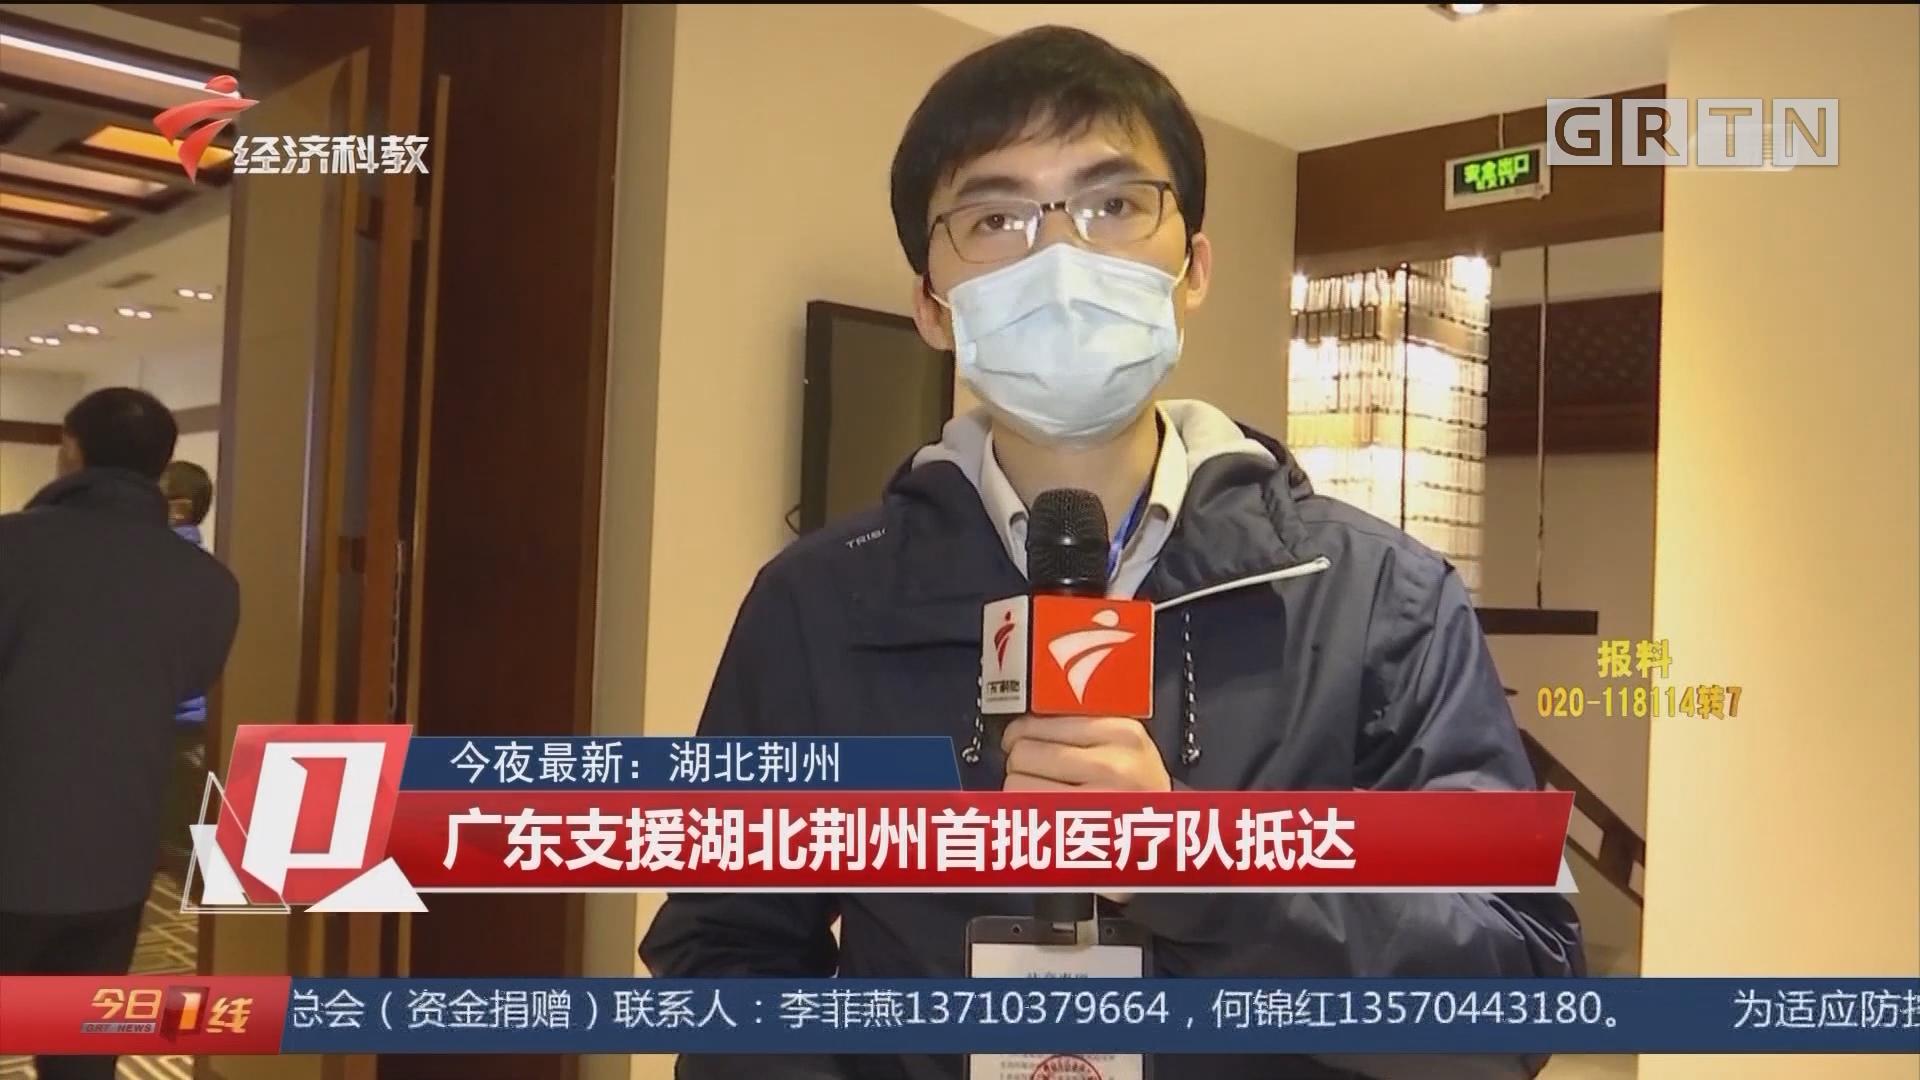 今夜最新:湖北荆州 广东支援湖北荆州首批医疗队抵达